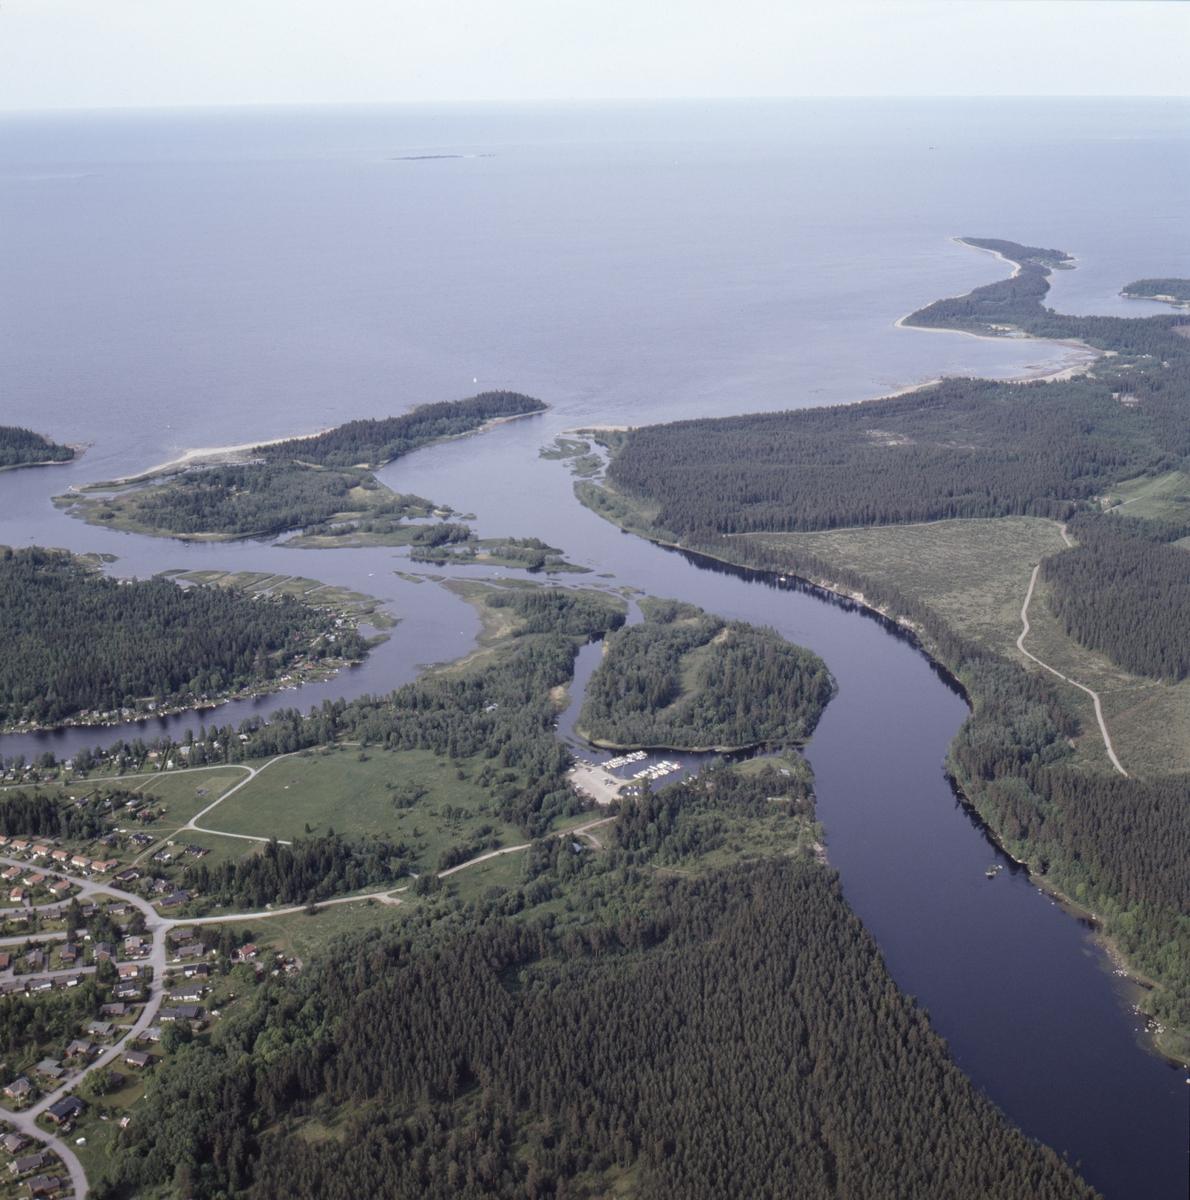 Vy över Dalälvens mynning vid Rotskär, Älvkarleby socken, Uppland, juni 1989